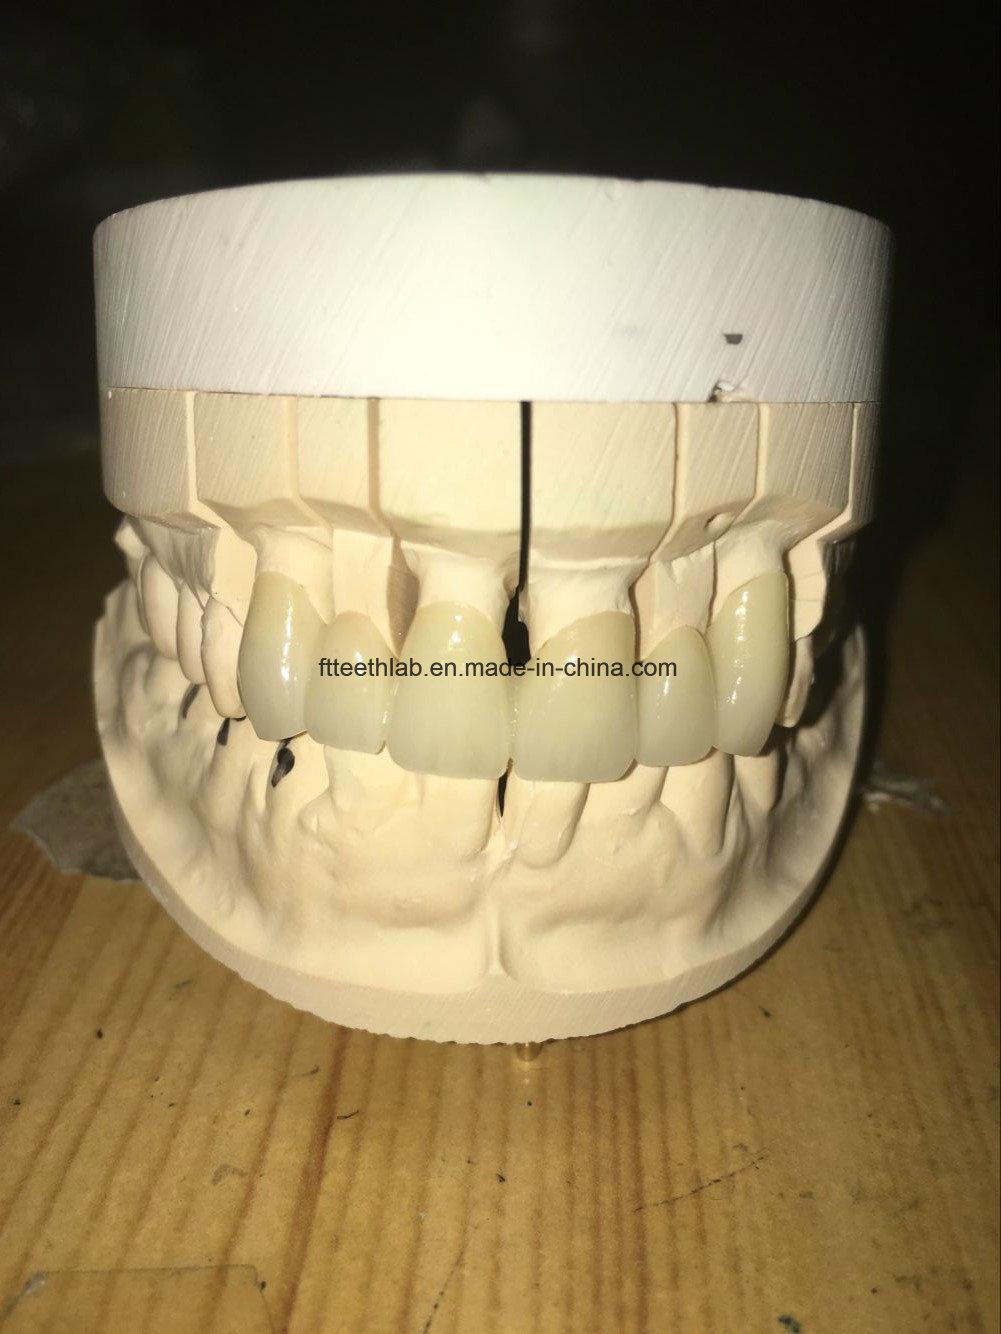 Full Porcelain Bridge Made of Zirconium Blocks and Ceramic